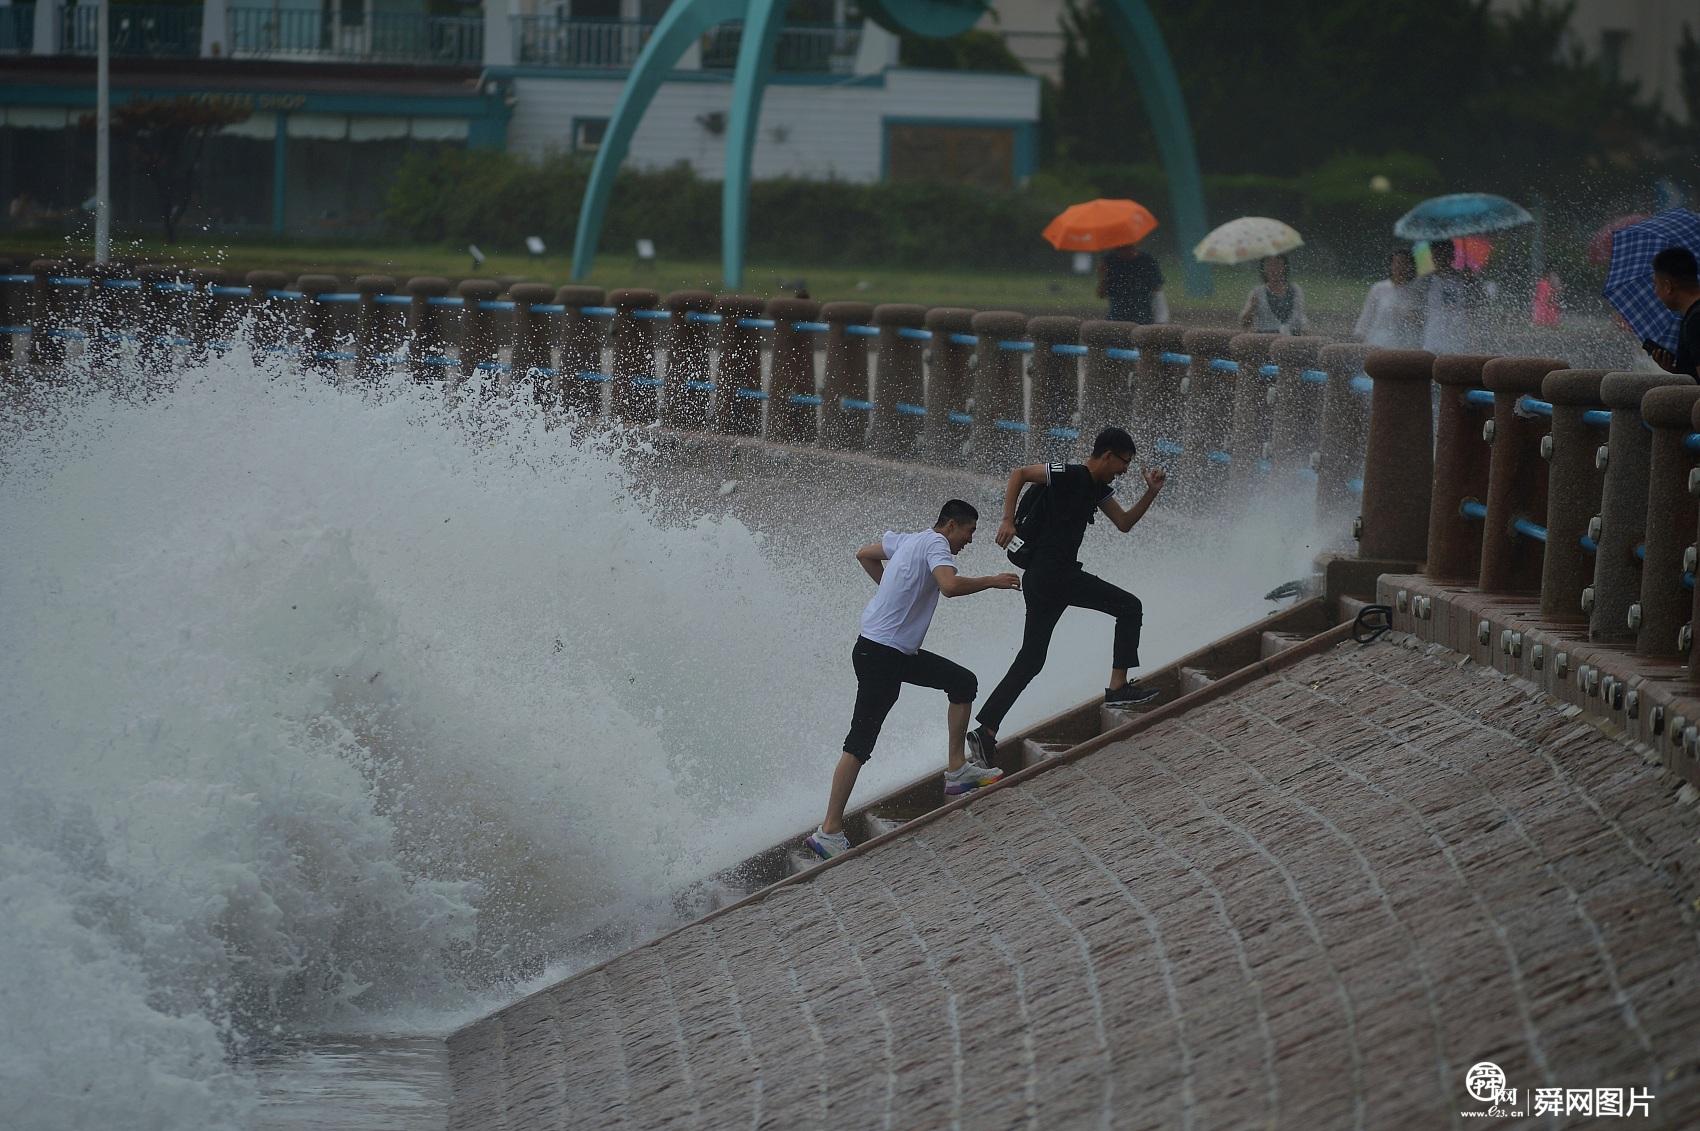 受台风影响青岛沿海现大潮,游客冒险观潮戏浪